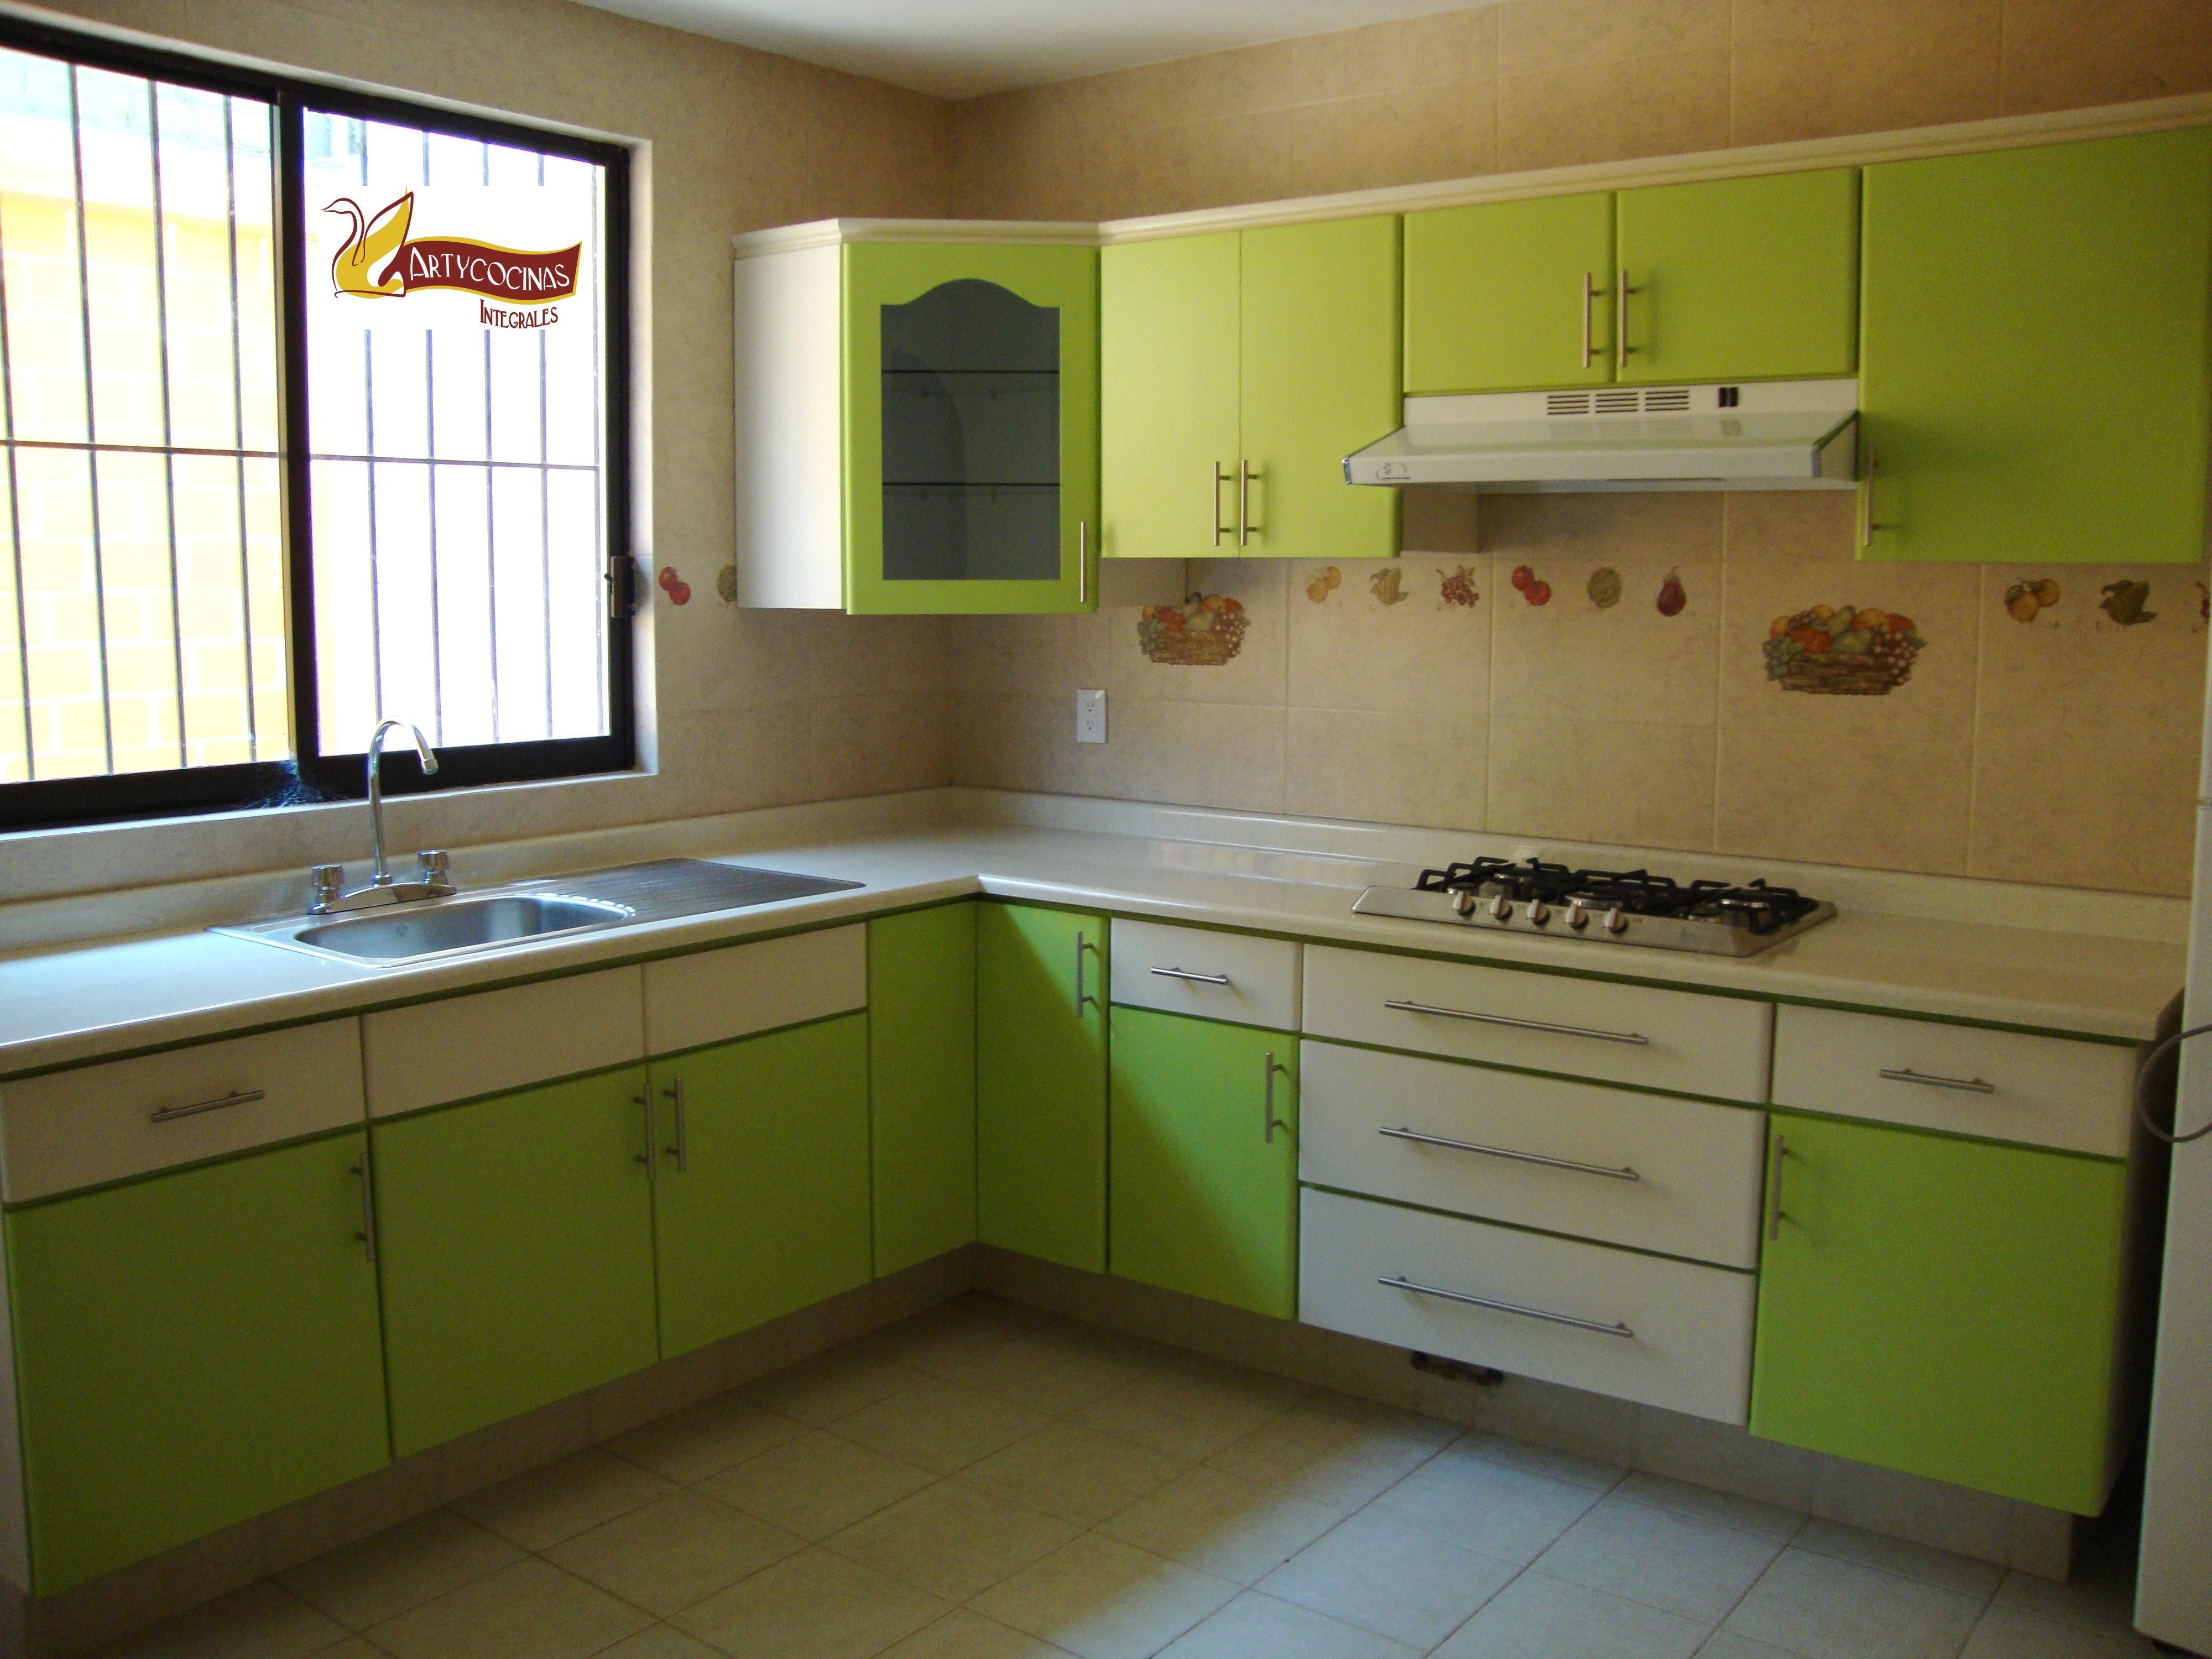 Muebles de cocina usados baratos ideas for Simulador de muebles de cocina